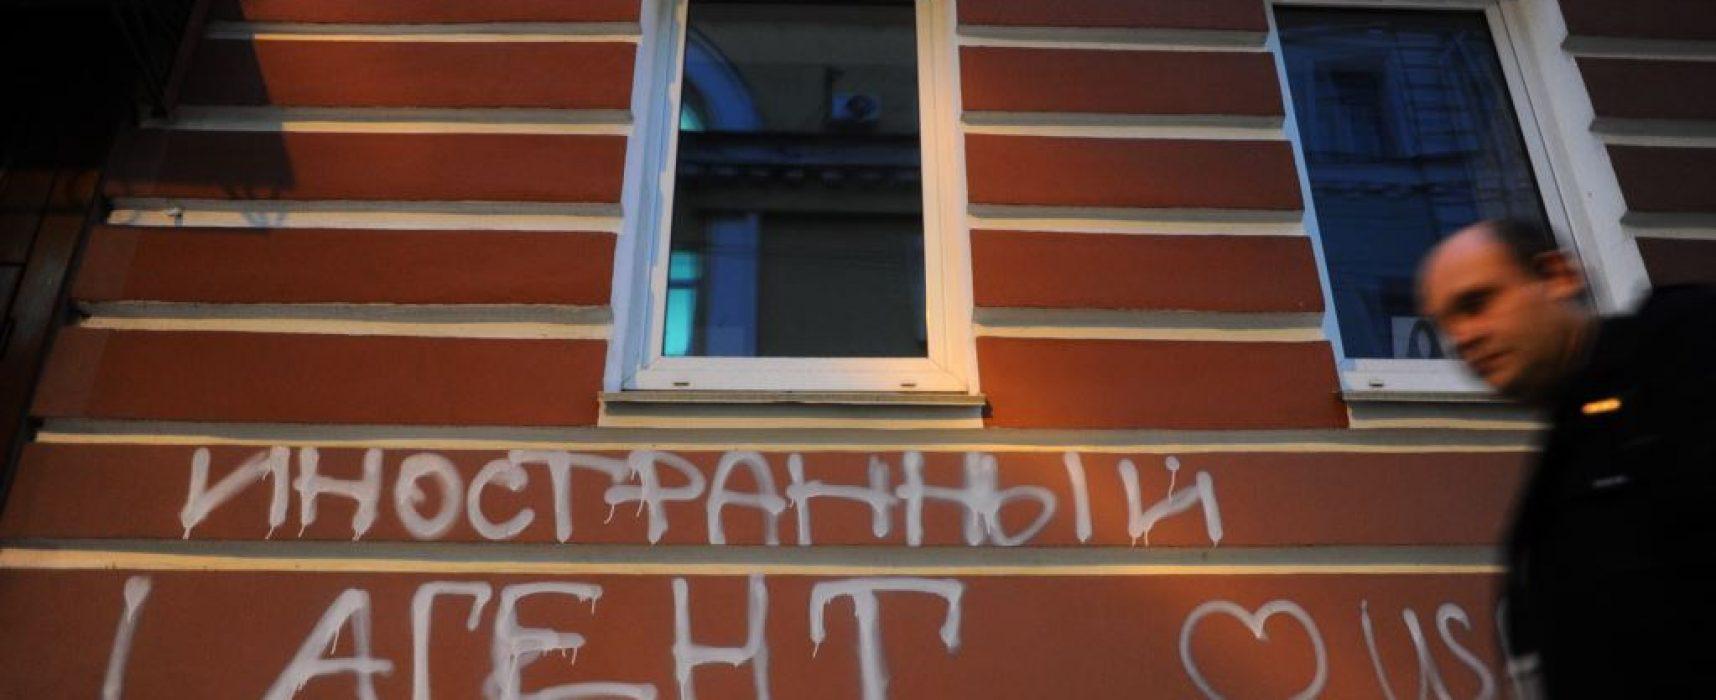 Виталий Портников: Украинский Крым и игра Кремля в «иностранных агентов»